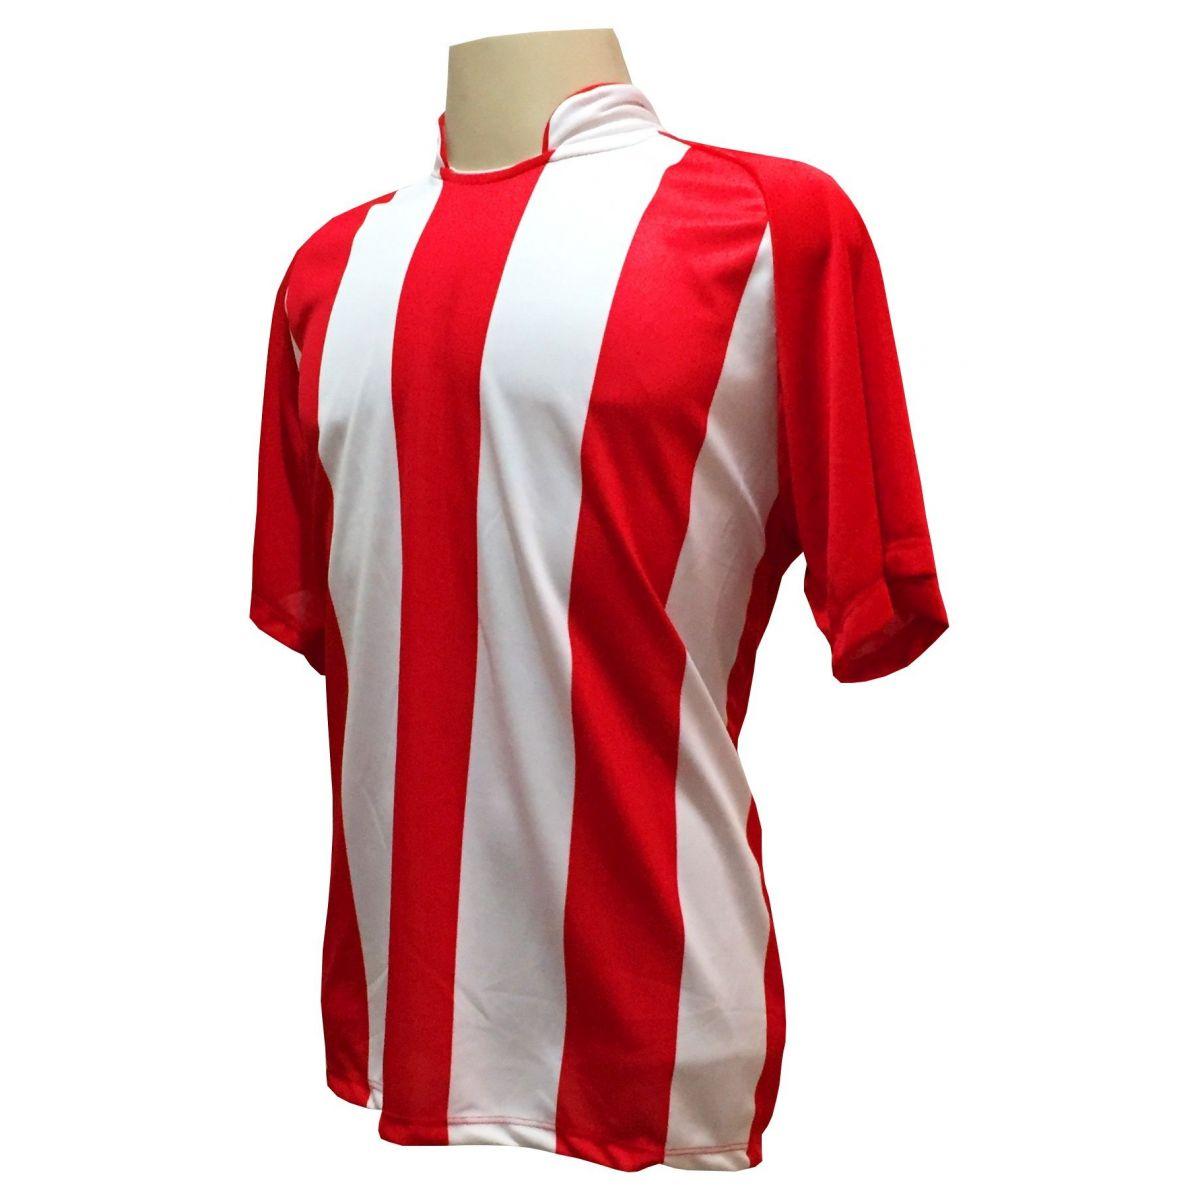 Uniforme Completo modelo Milan 18+2 (18 Camisas Vermelho/Branco + 18 Calções Madrid Royal + 18 Pares de Meiões Brancos + 2 Conjuntos de Goleiro) + Brindes